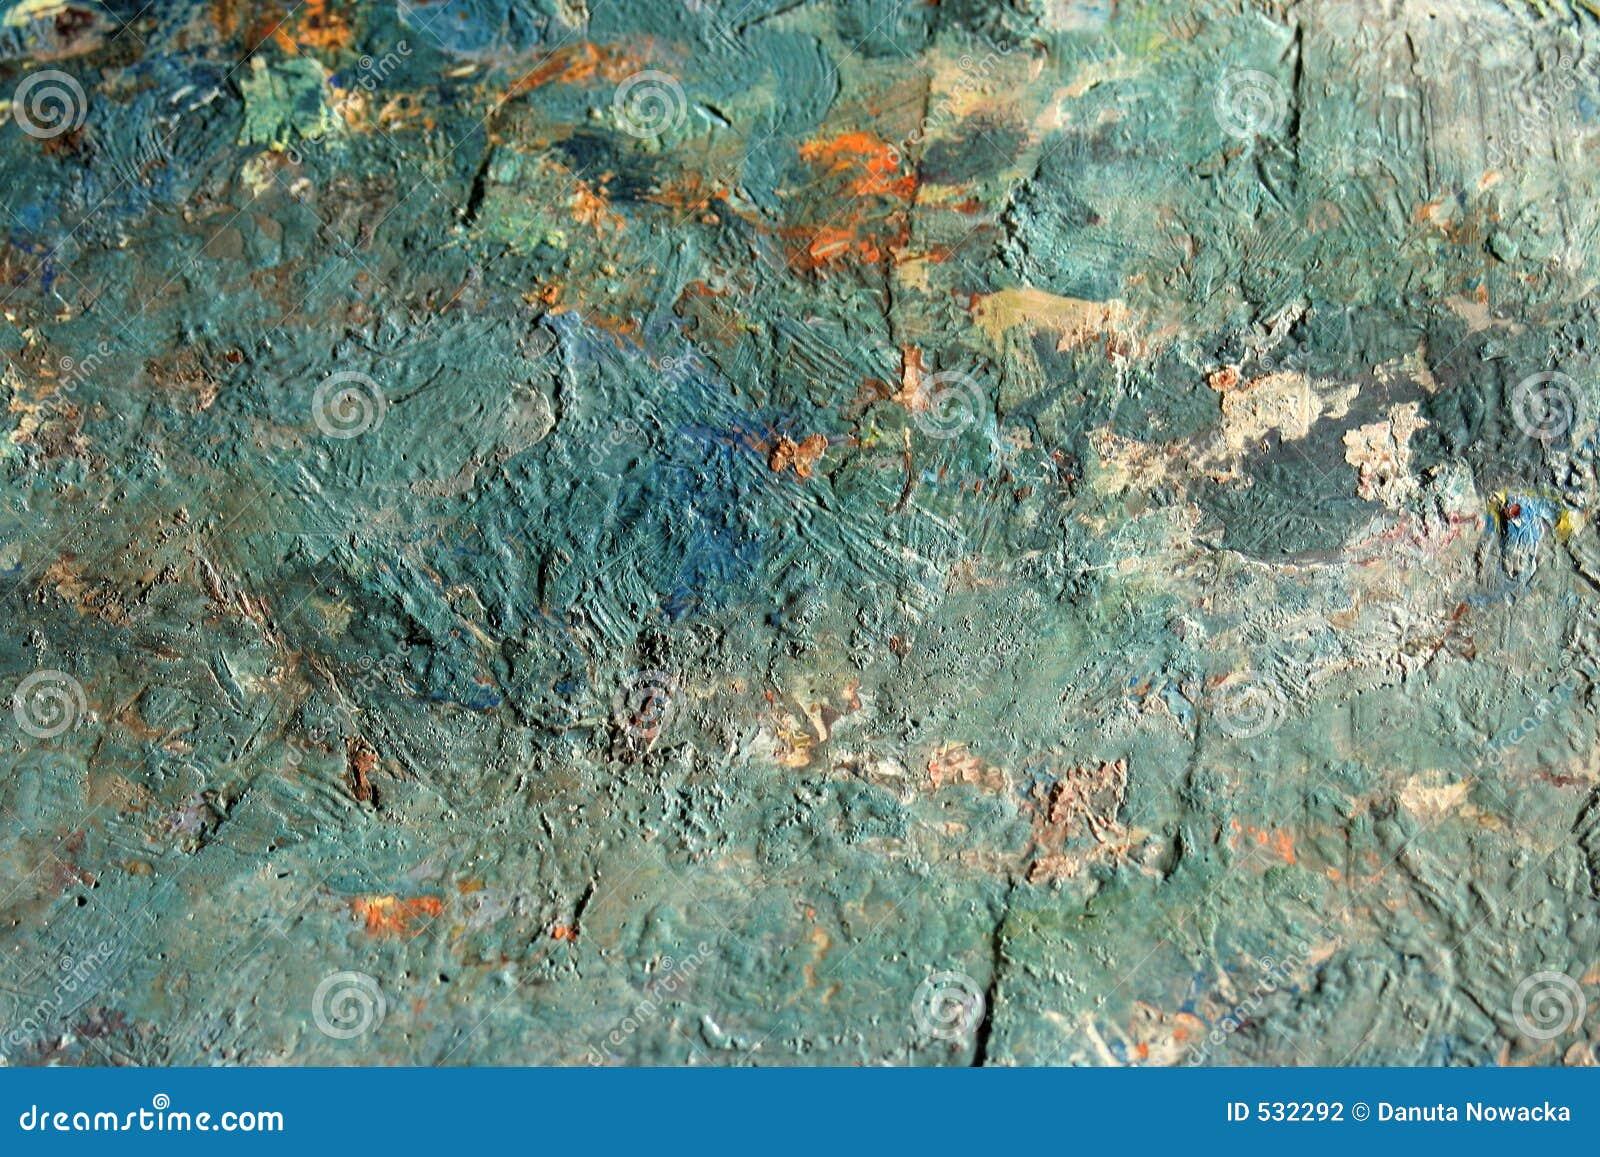 Download 纹理 库存照片. 图片 包括有 纹理, 艺术, 创造性, 抽象, 背包, 艺术性, 五颜六色, 补丁程序, 蓝蓝 - 532292